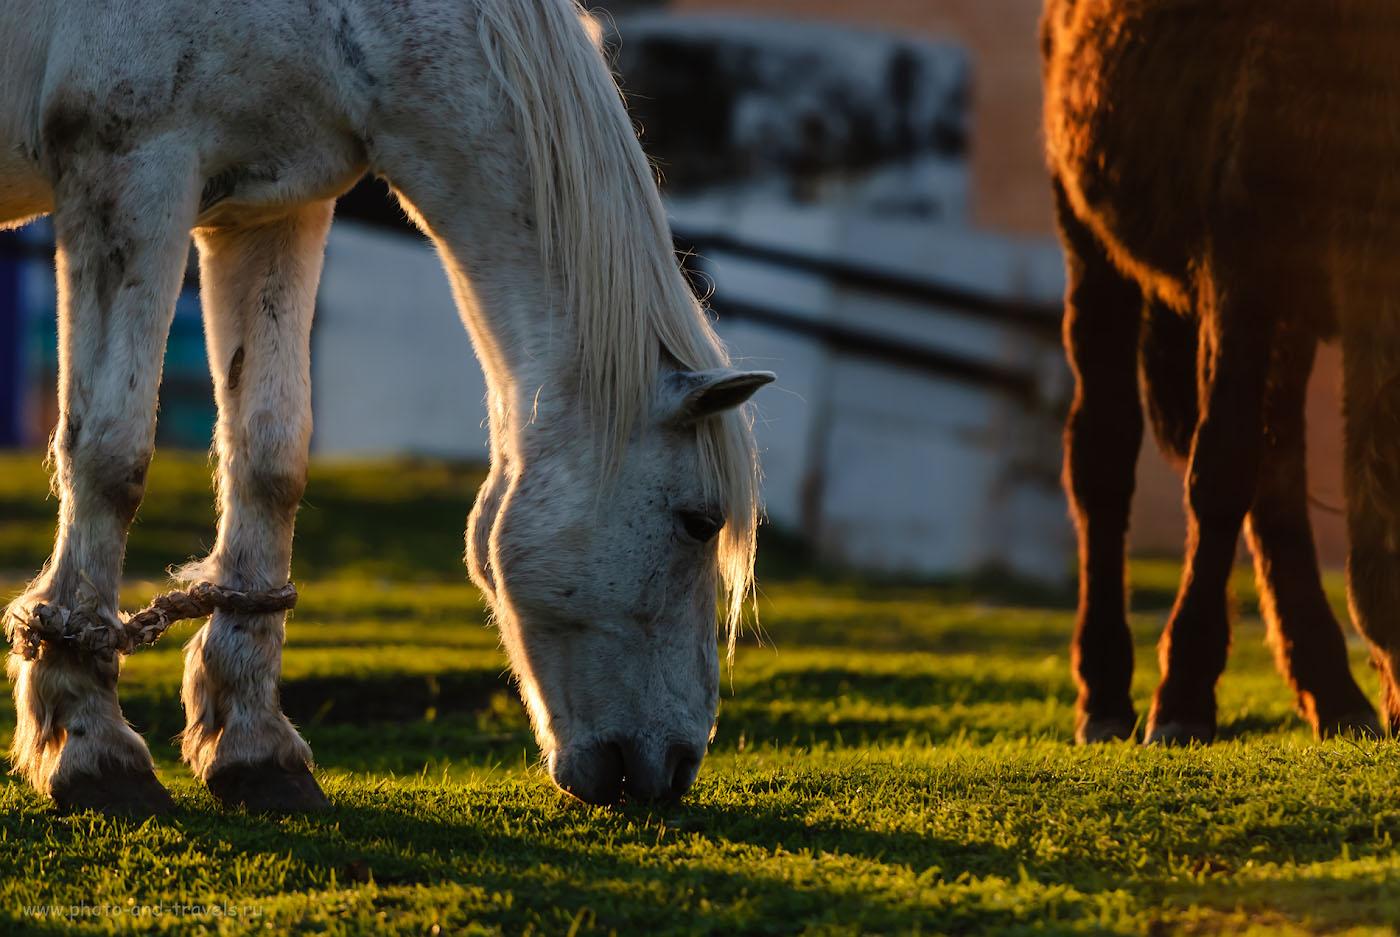 Фото 38. Путешествуя по Башкортостану, на каждом шагу встречаете табуны овец, коров и лошадей. 1/400, +1.0, 2.8, 100, 200.